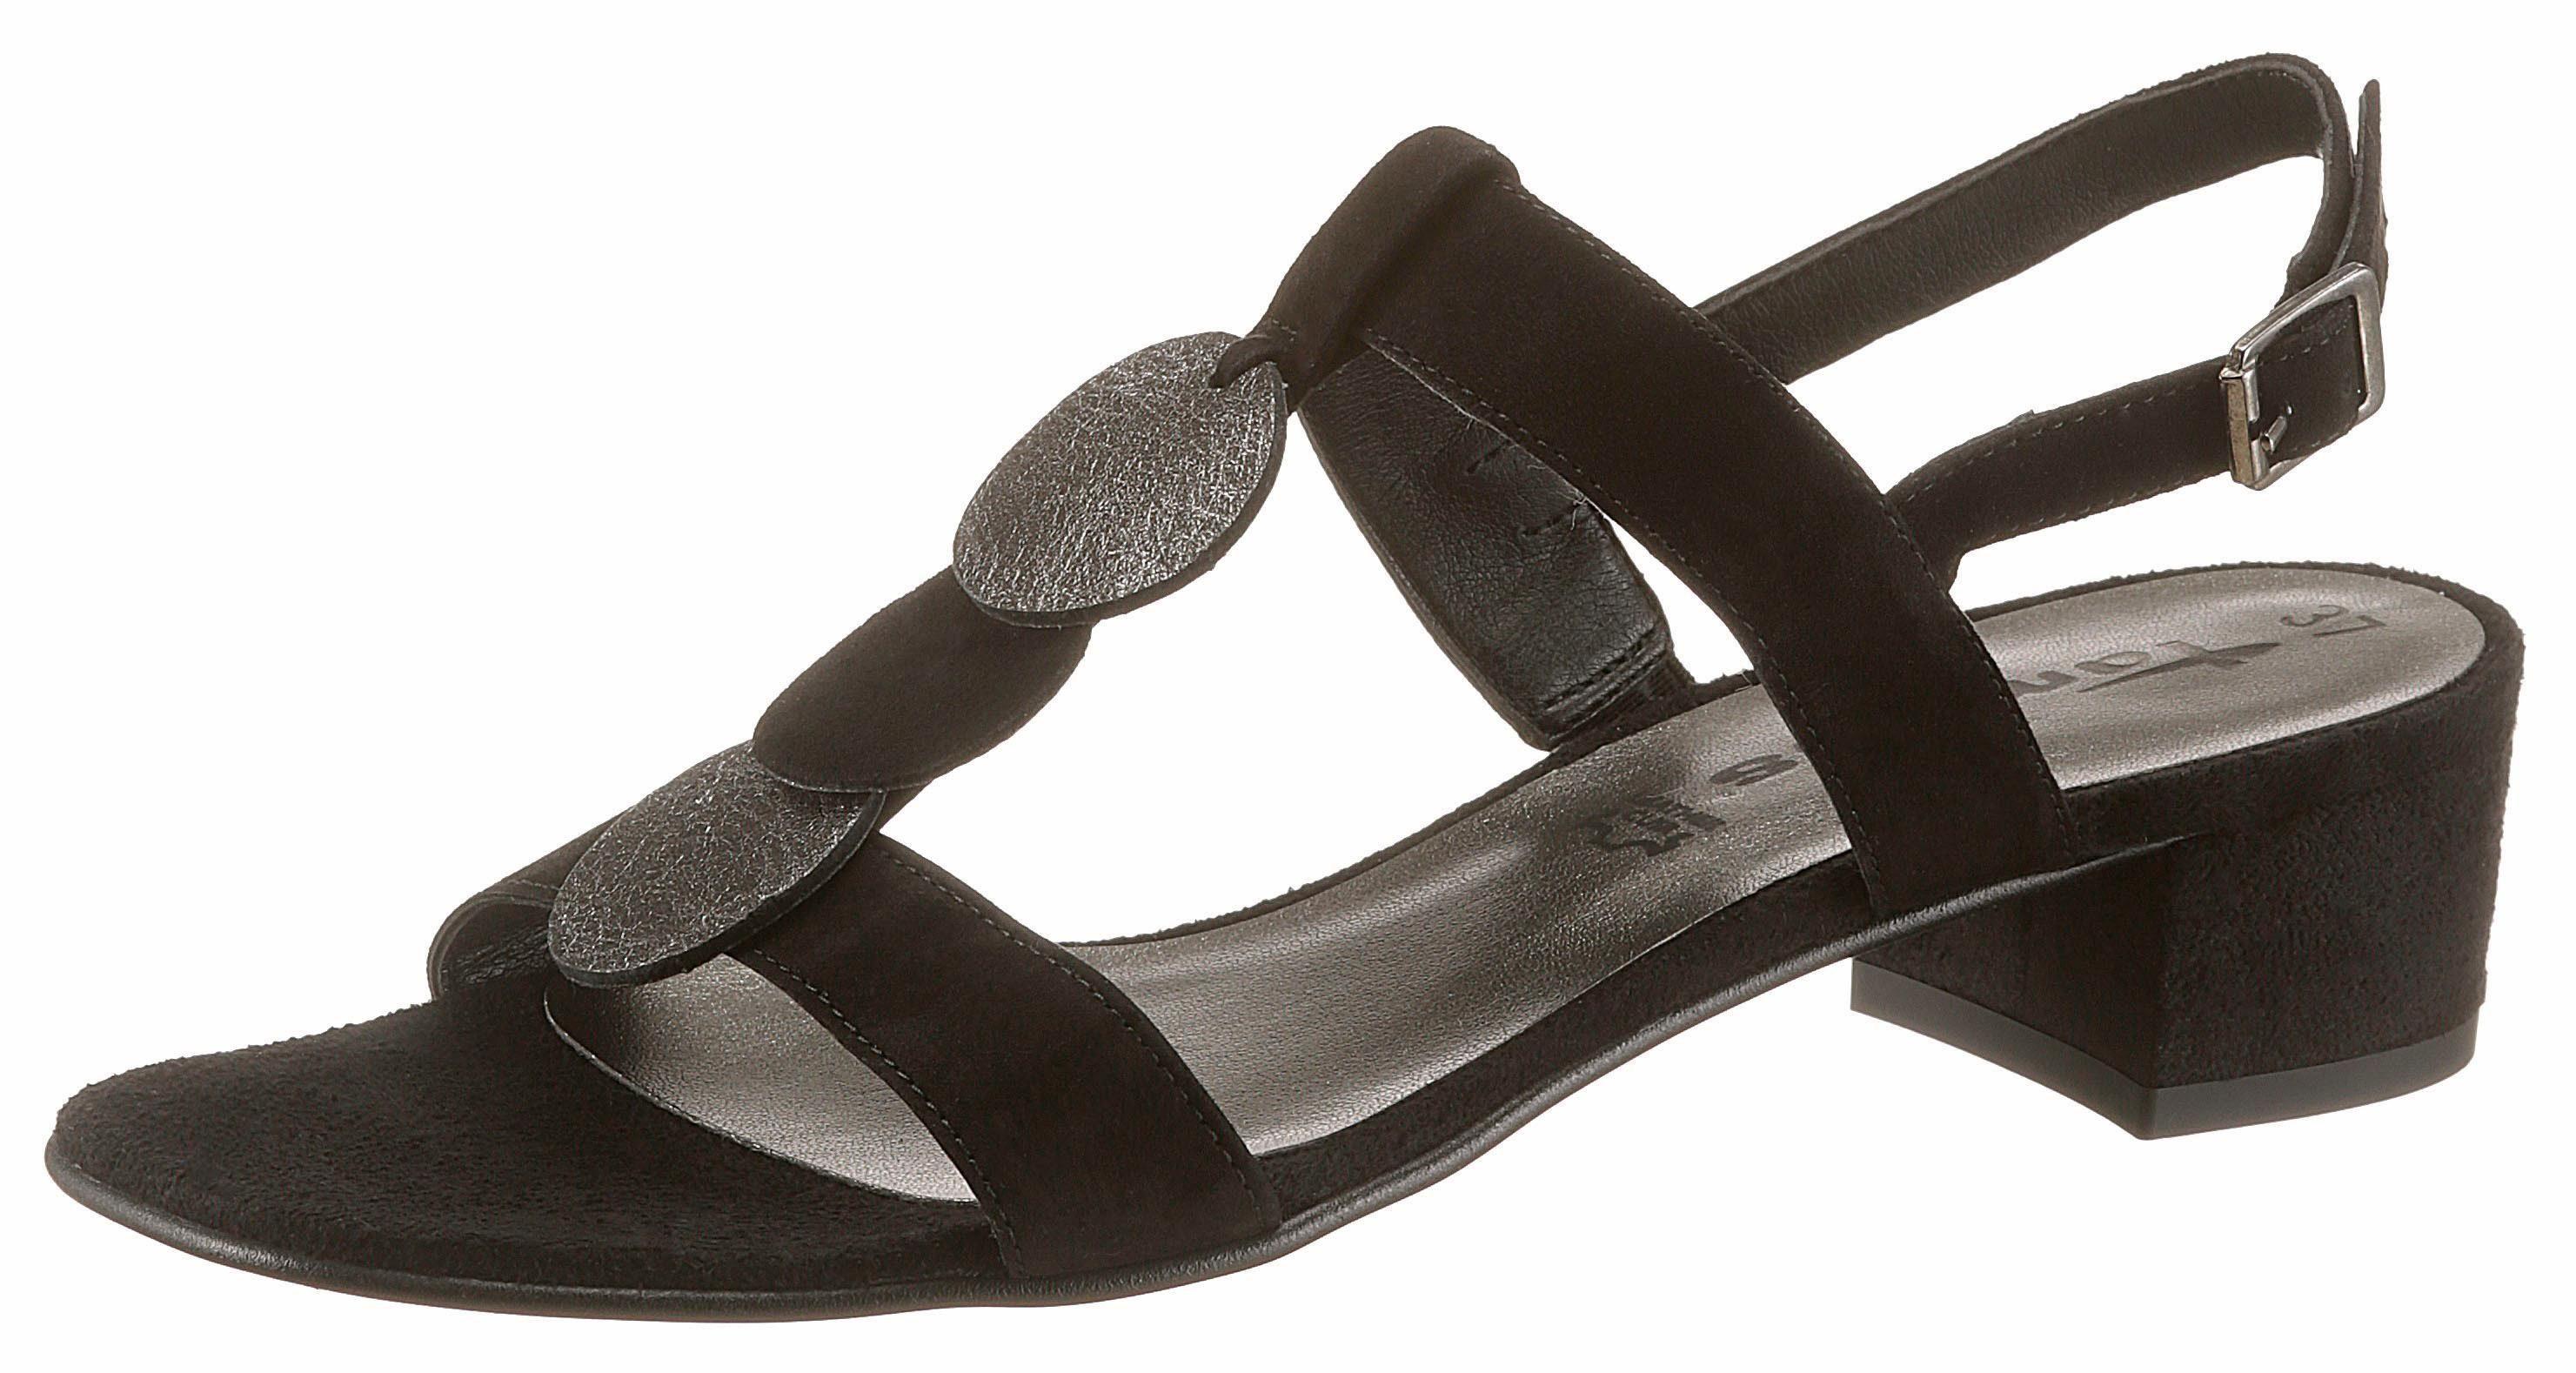 Tamaris Eleganten KaufenOtto Sandalette Design Im N8wZnOPX0k